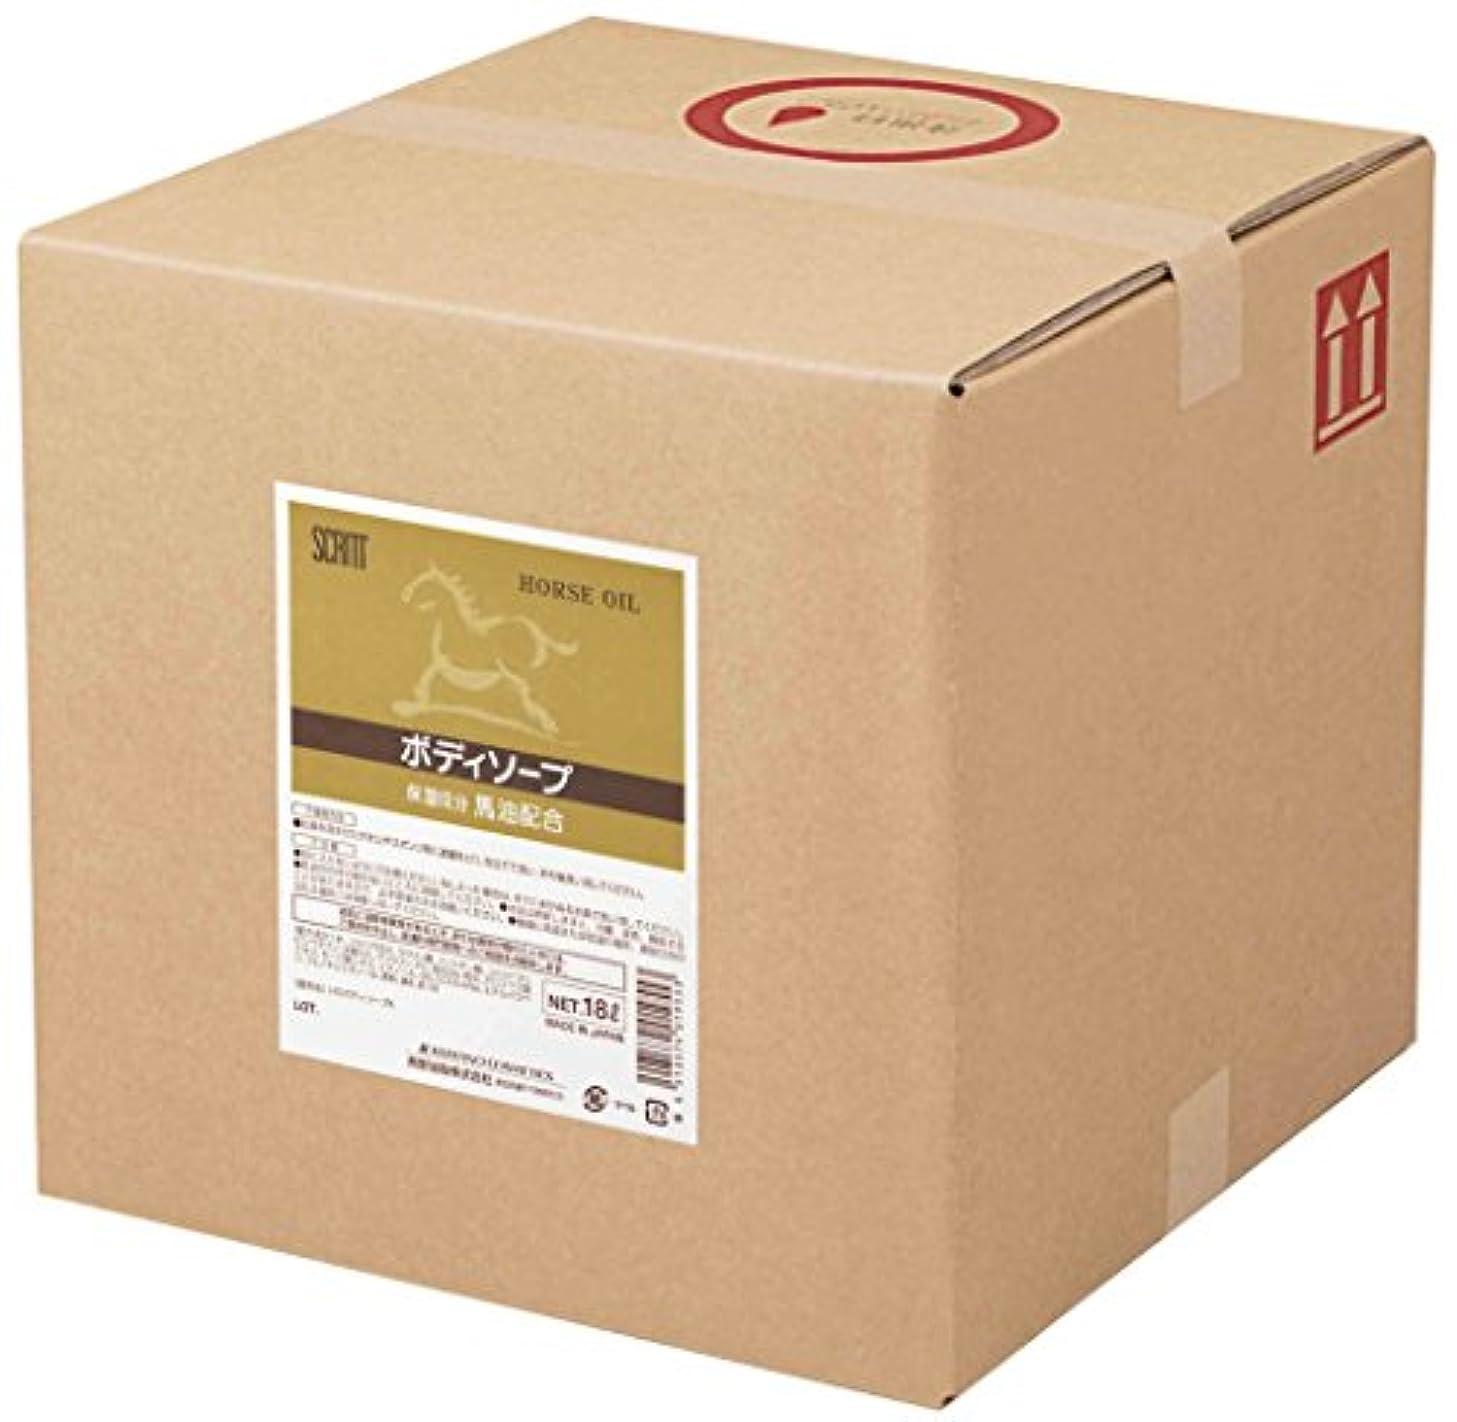 矛盾する期間蒸発熊野油脂 業務用 SCRITT(スクリット) 馬油ボディソープ 18L